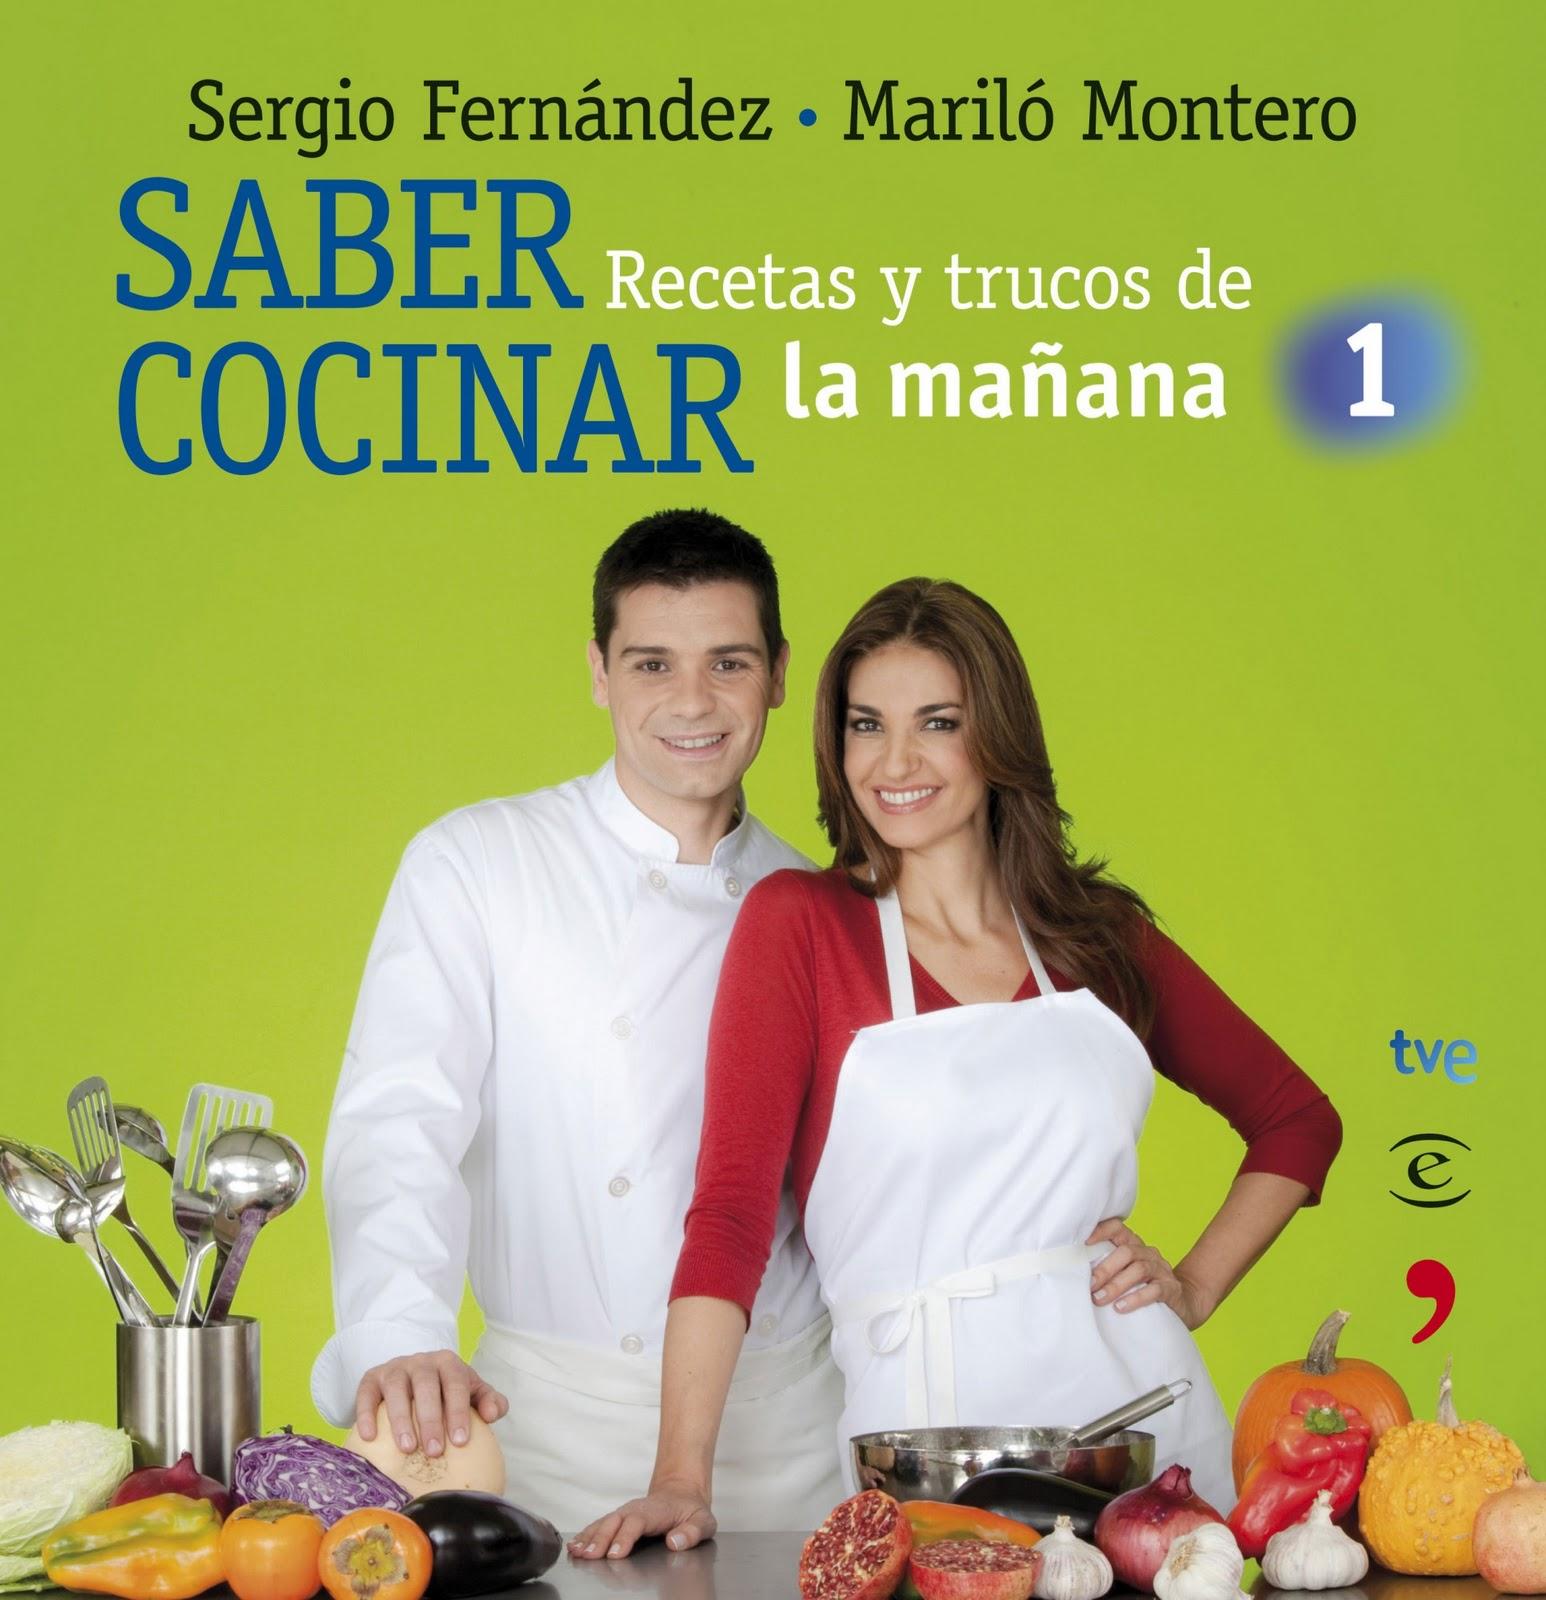 Saber cocinar recetas y trucos de la ma ana fernandez for La cocina de sergio